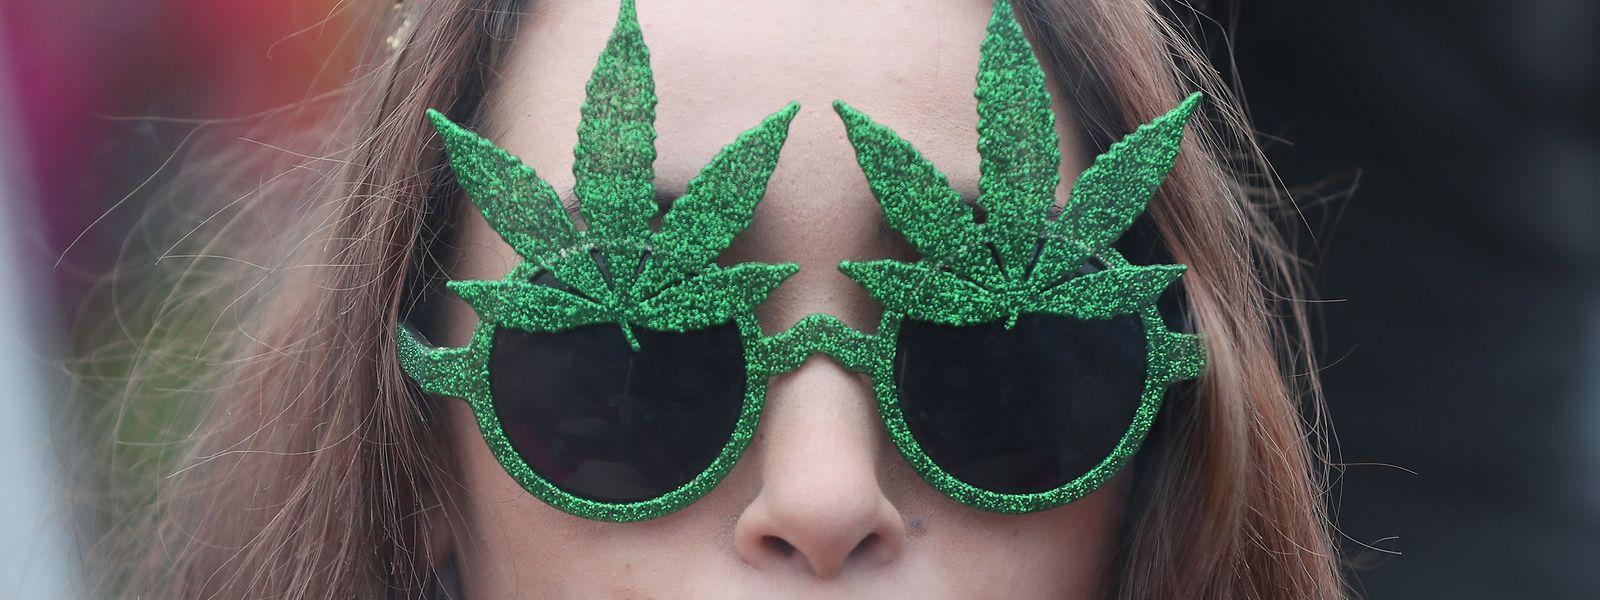 Seit Oktober 2018 sind Cannabis-Produktion und -Konsum legalisiert: Ab 18/19 darf gekifft werden.